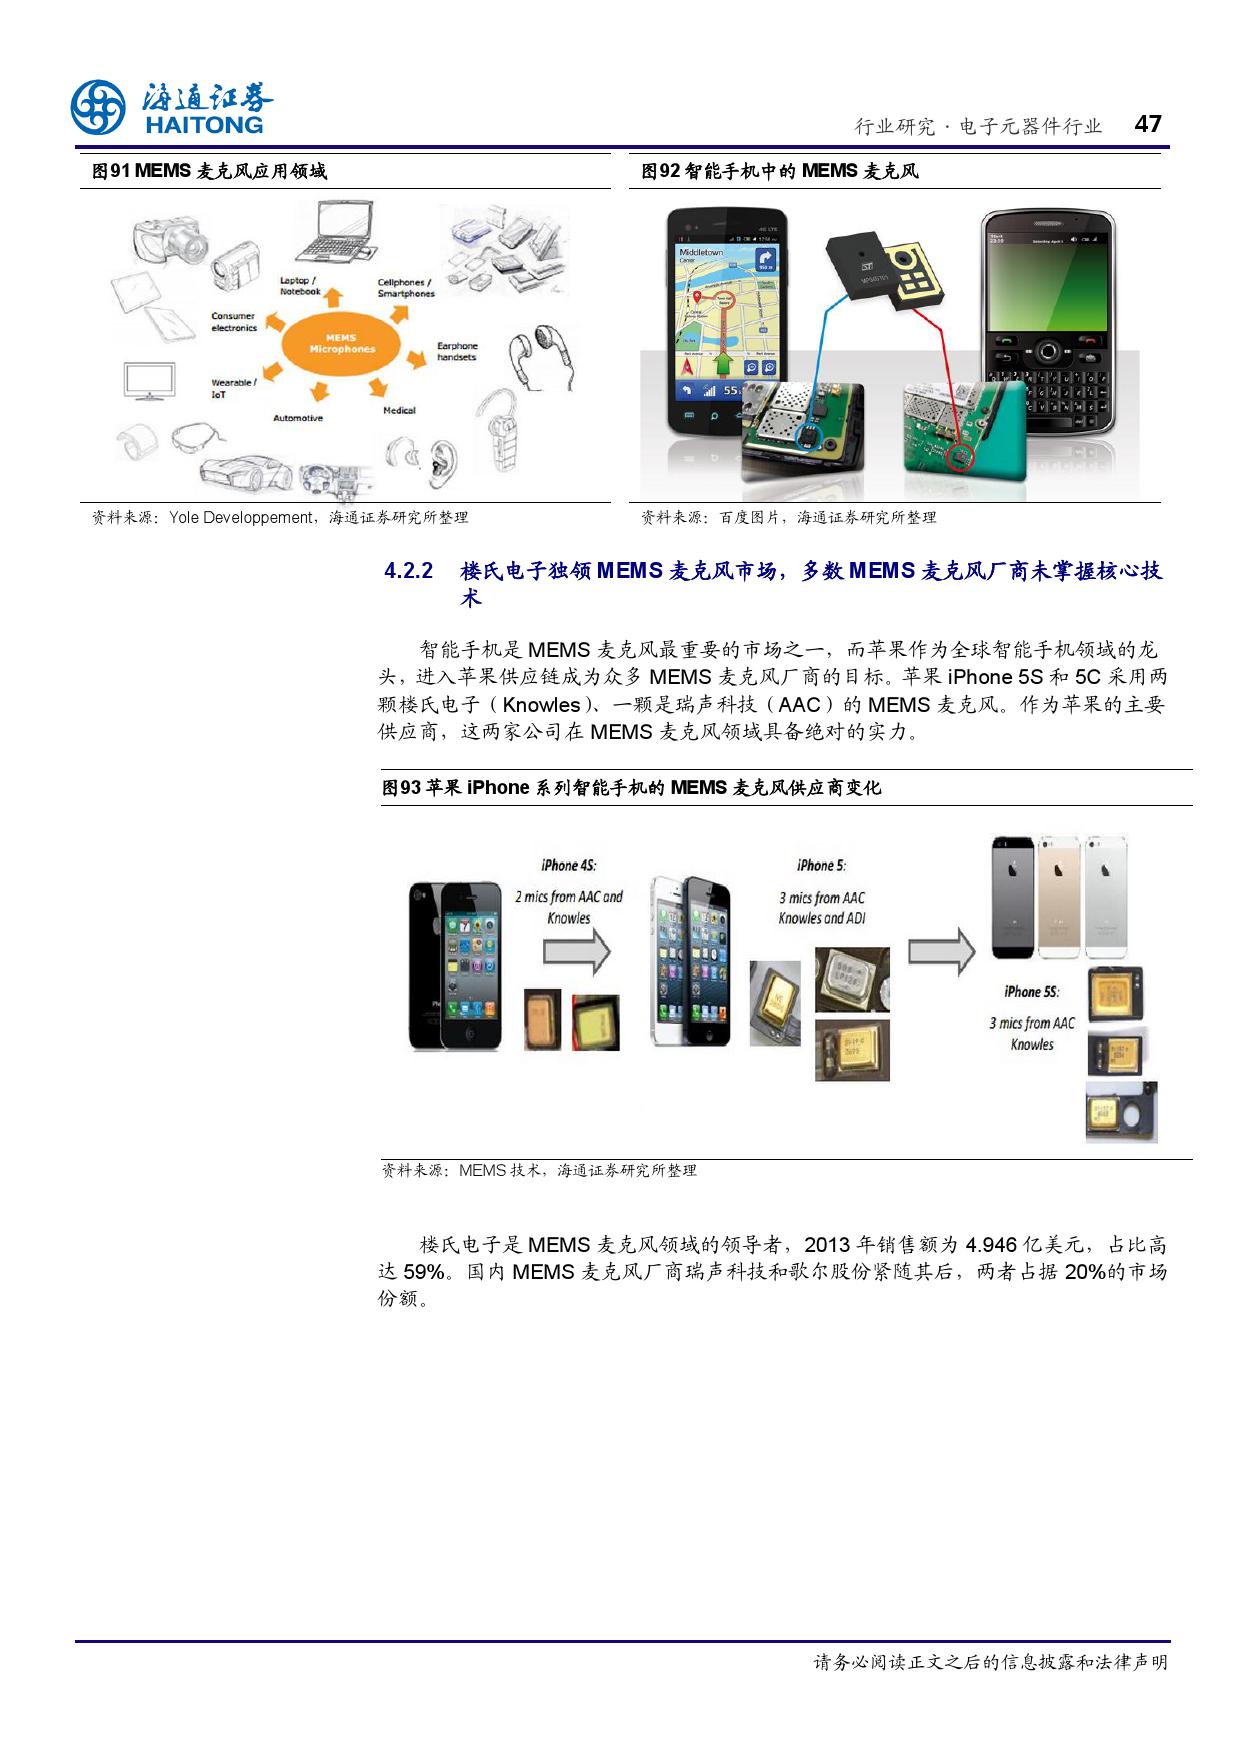 报告全解传感器全球产业链_000047